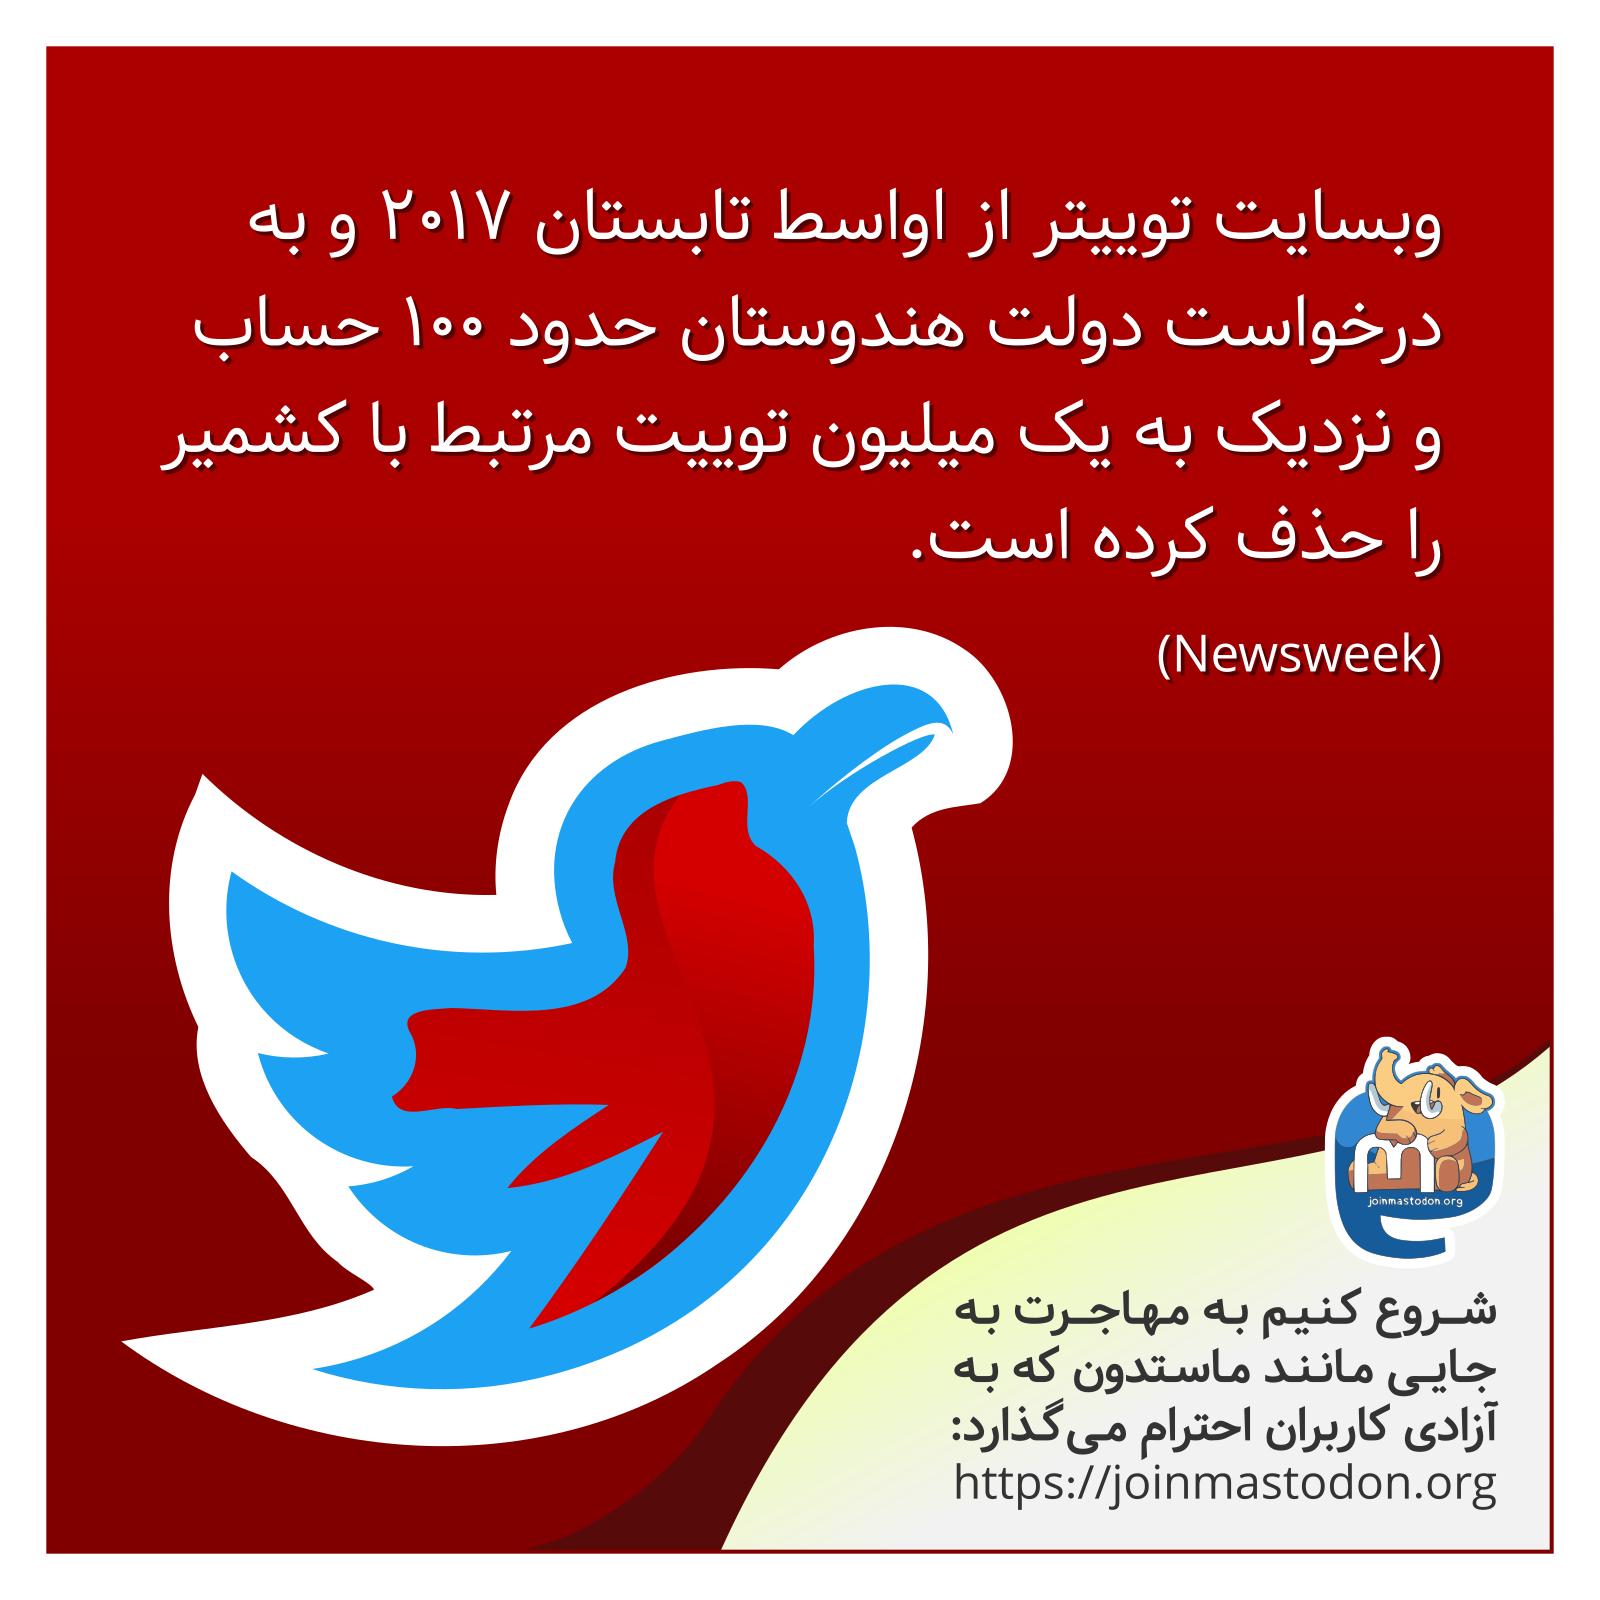 حذف حساب و محتوای مرتبط با کشمیر از توییتر